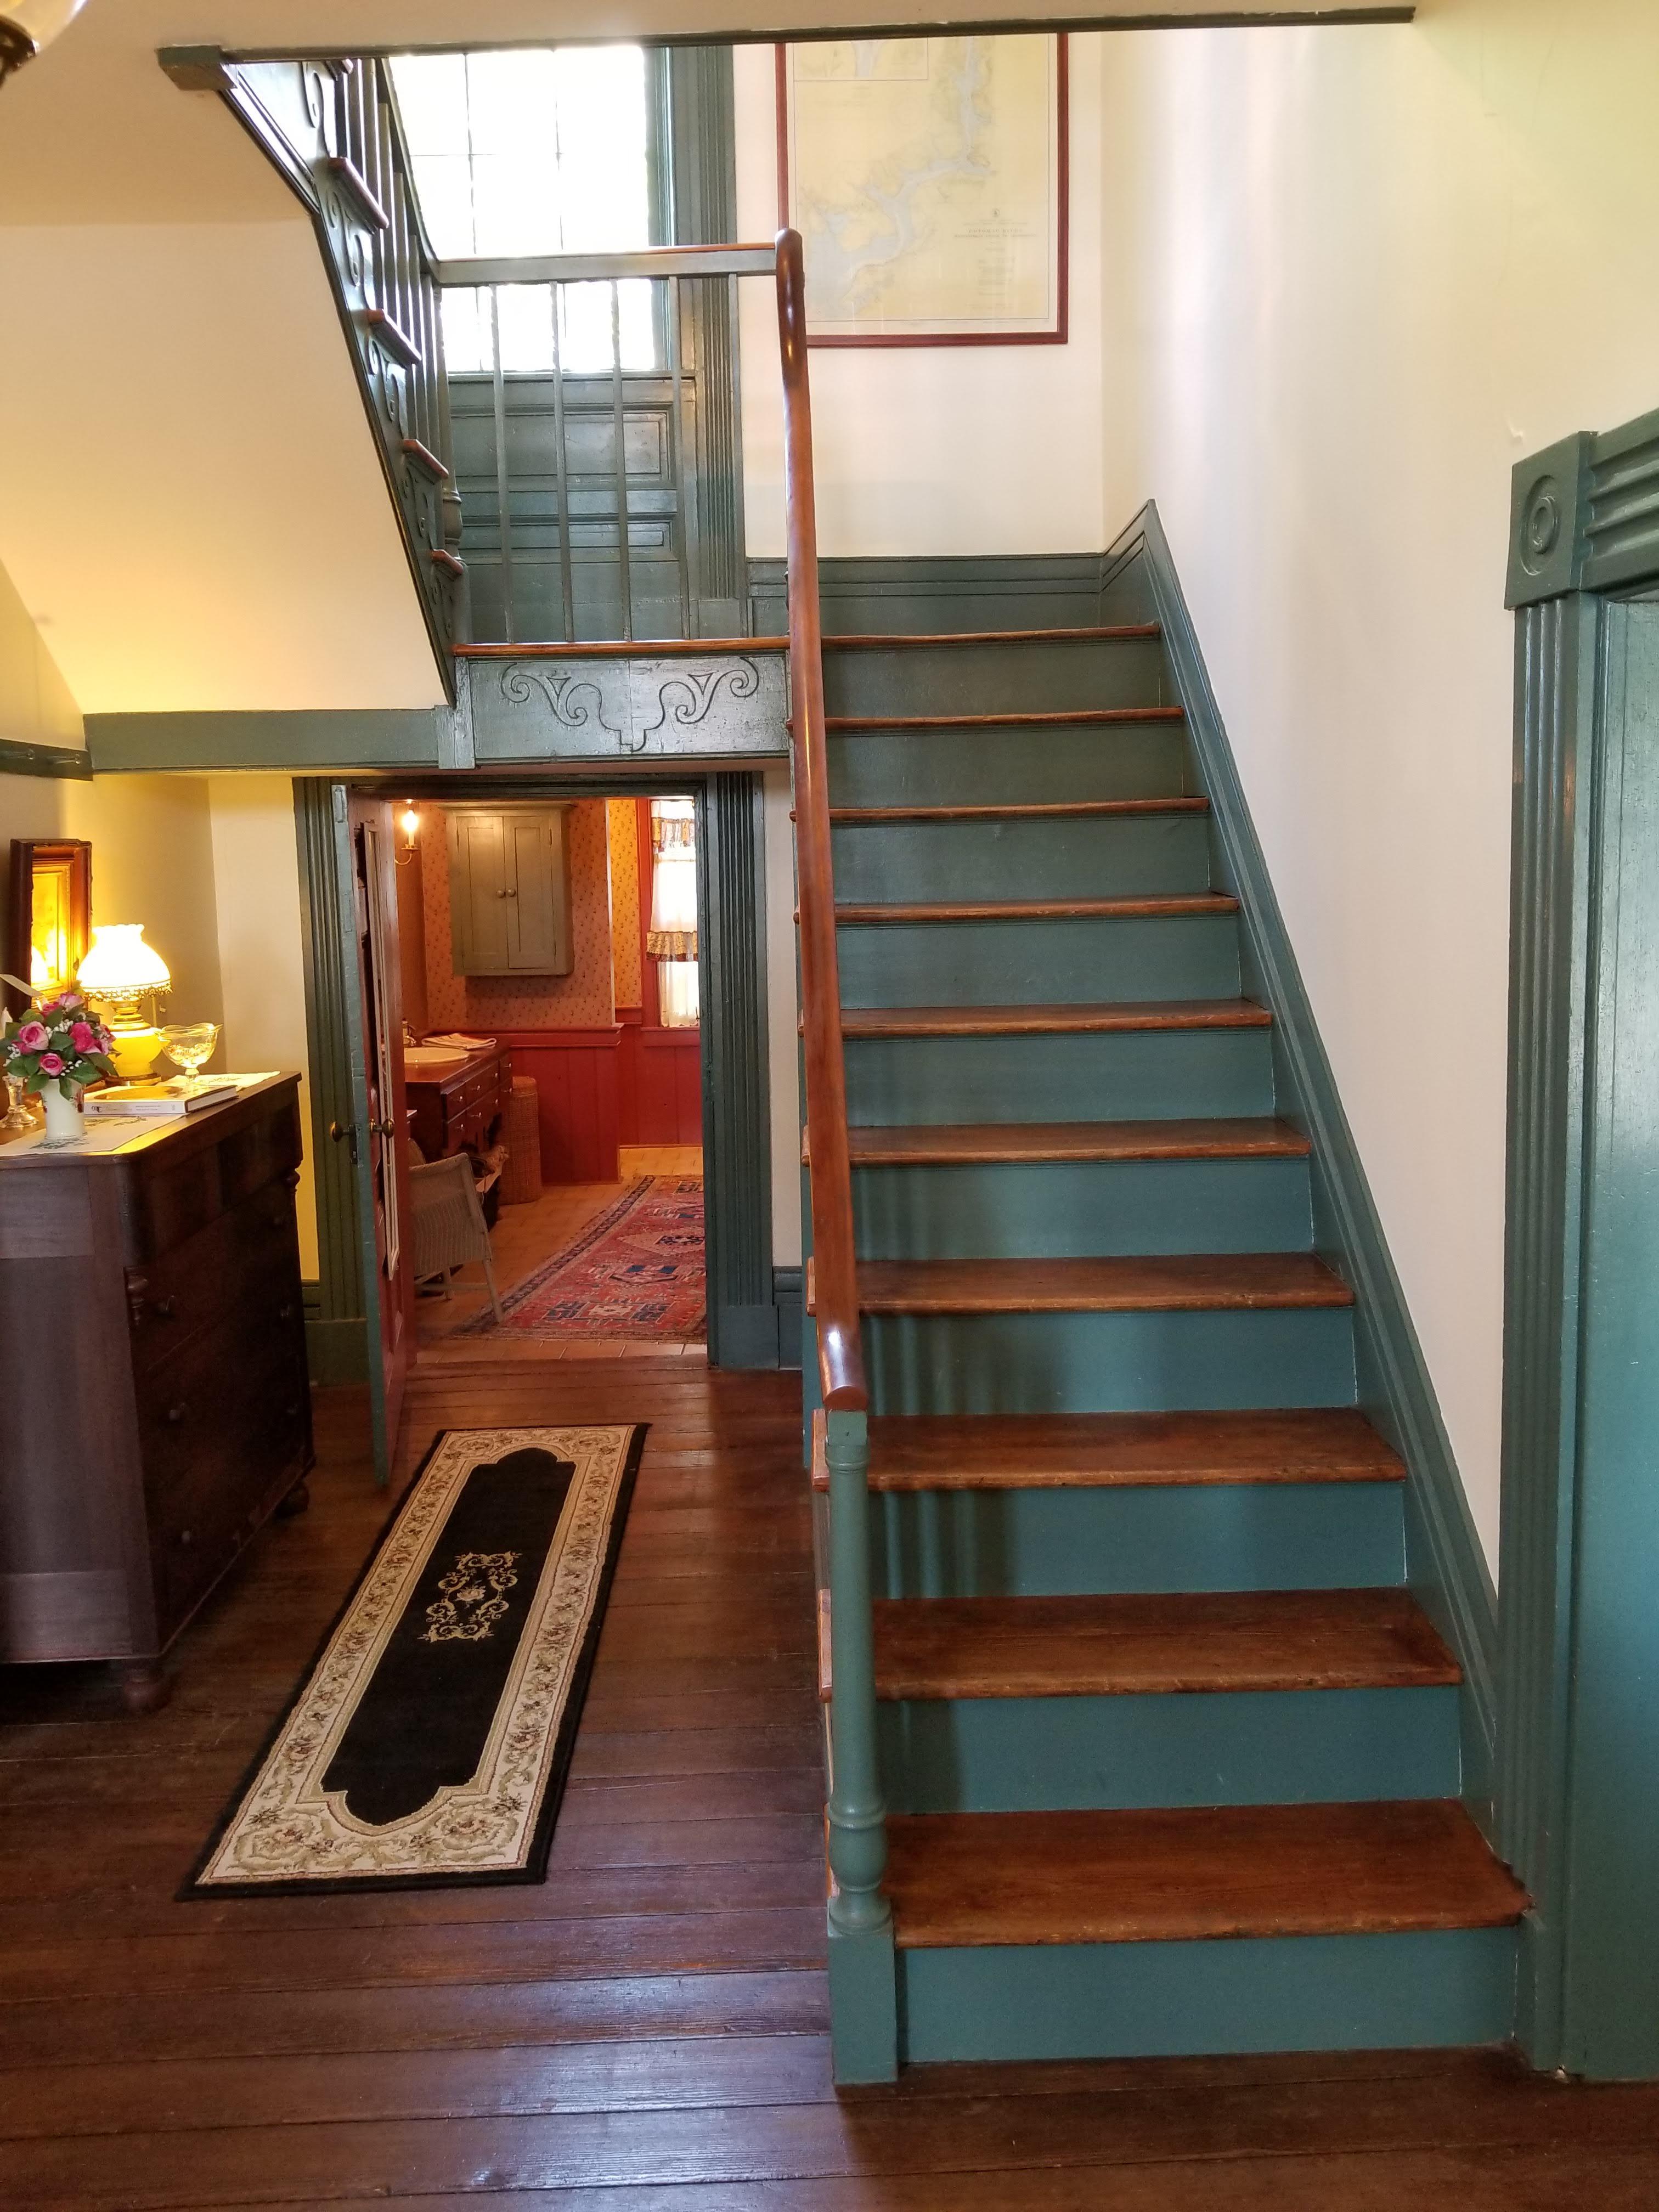 107 w. acdemy street hallway.jpg